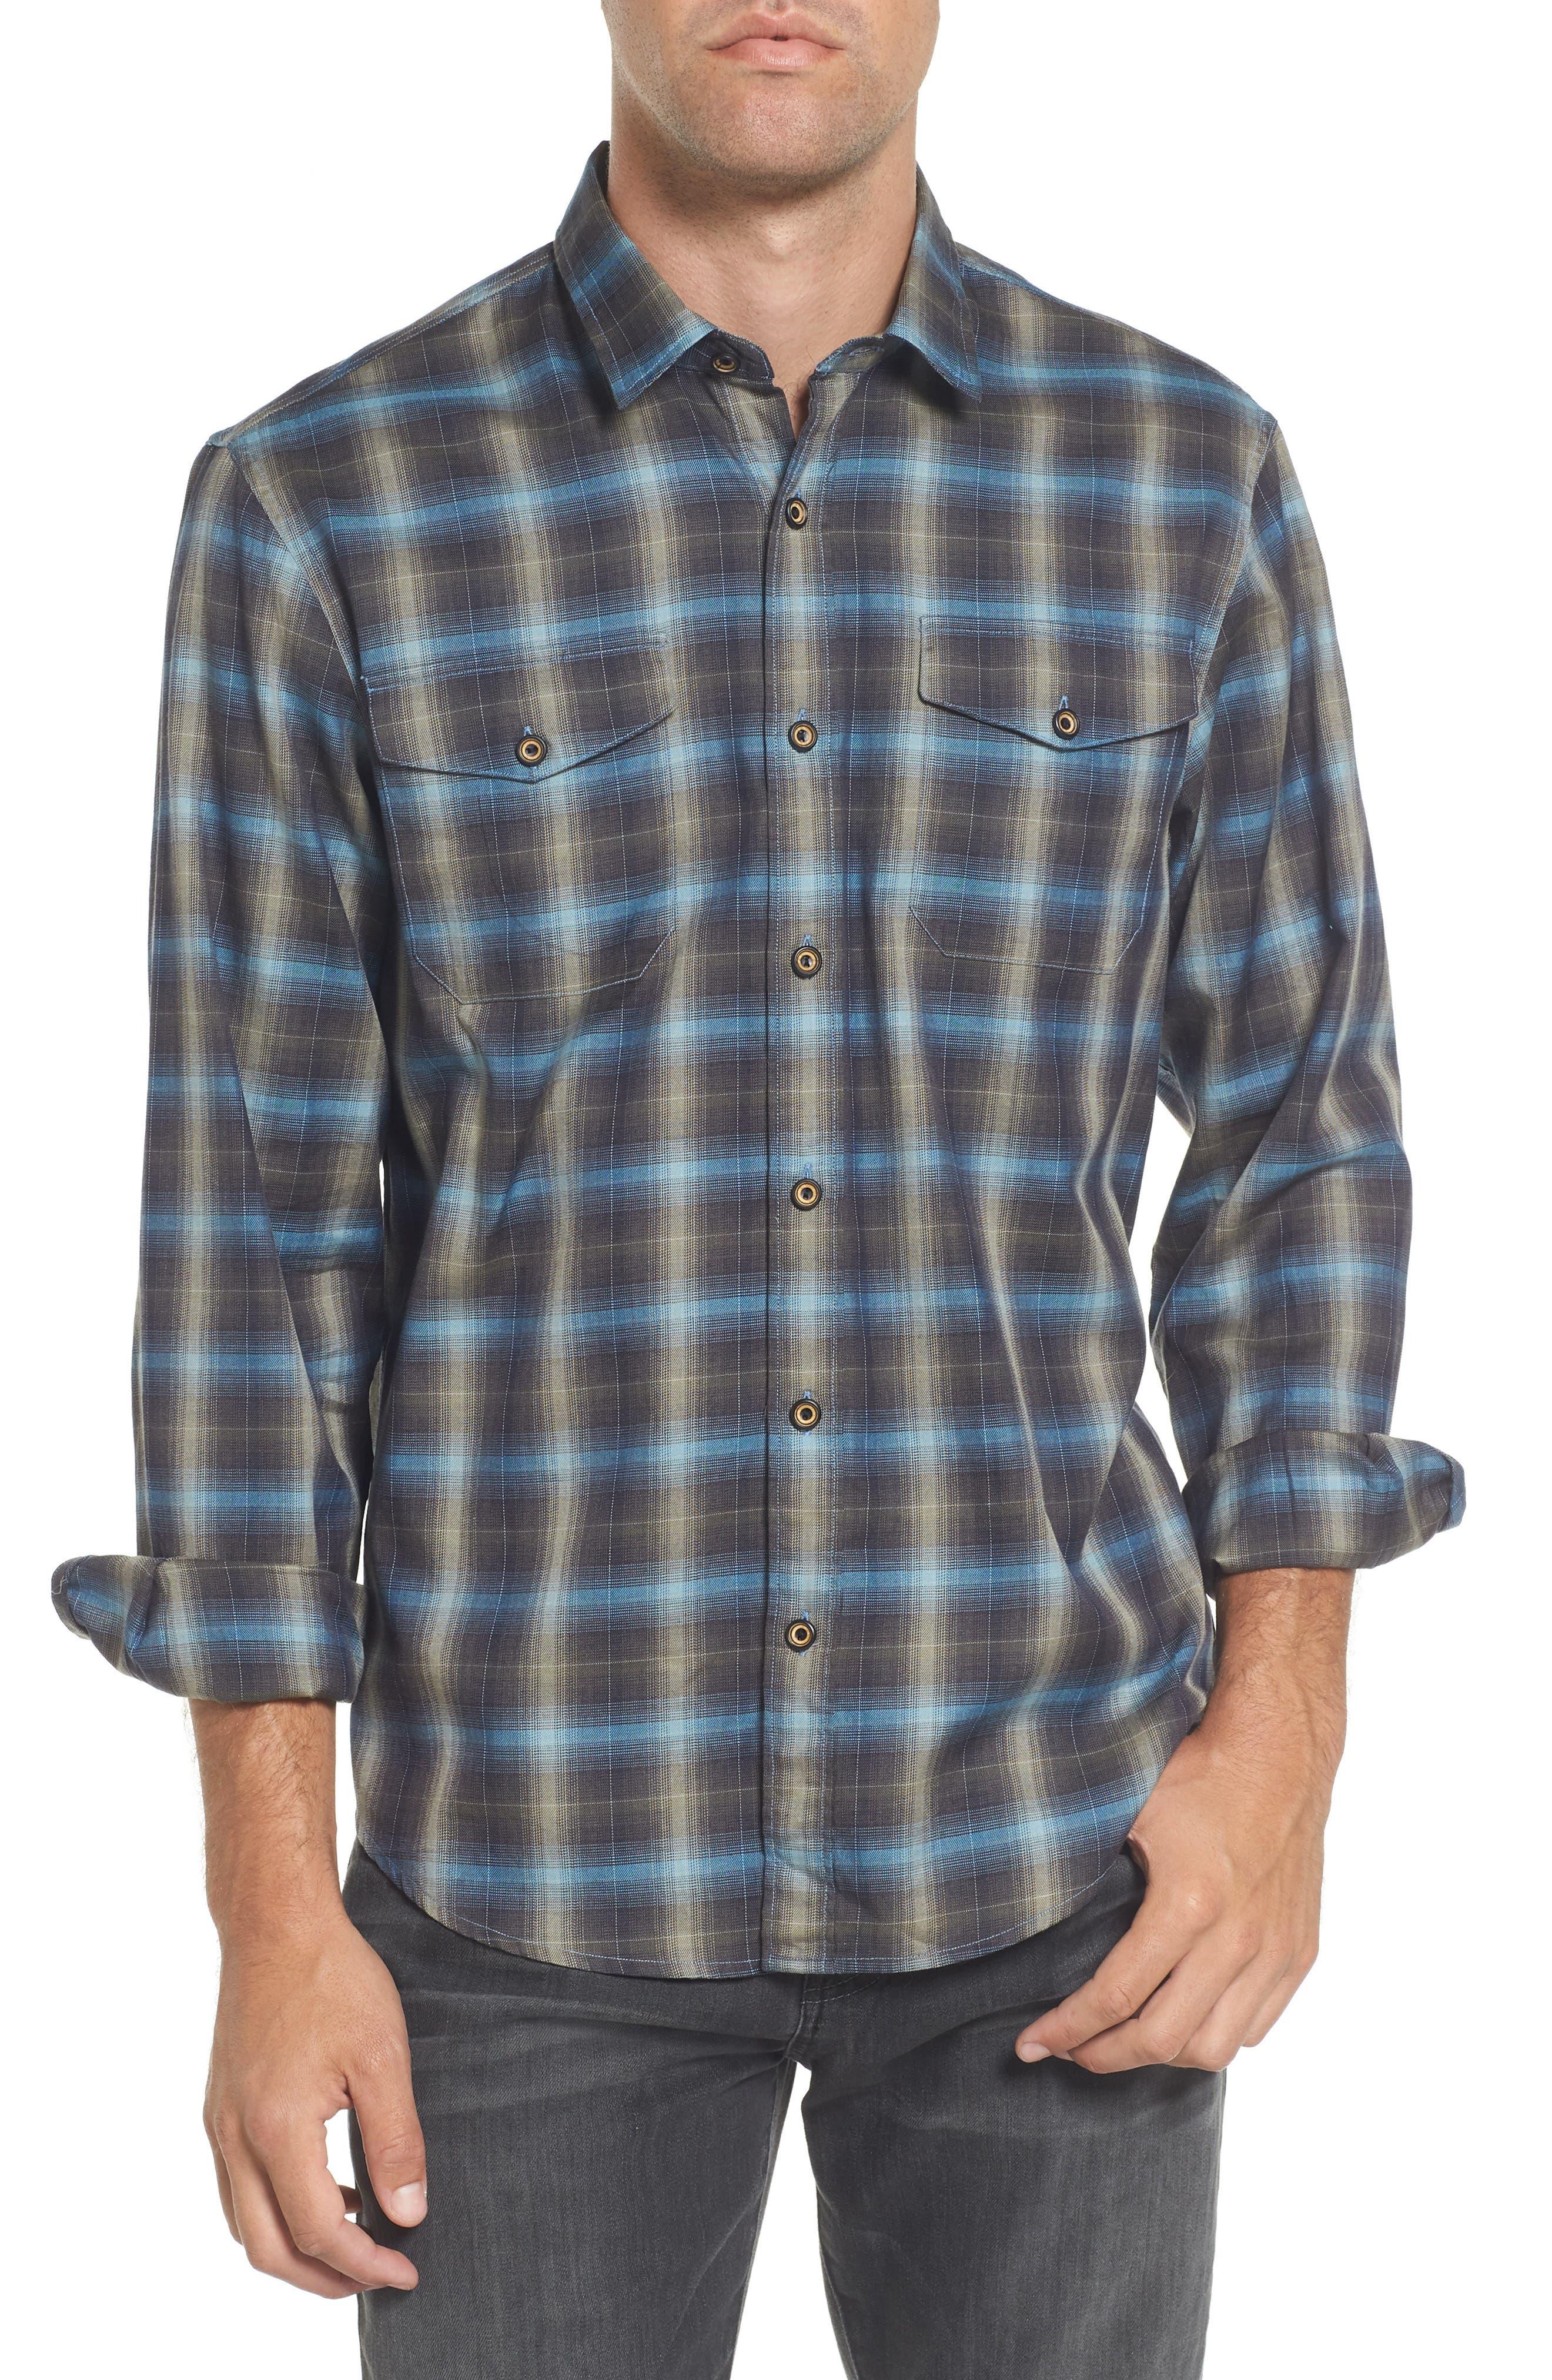 Coastaoro Walnut Plaid Garment Washed Flannel Shirt